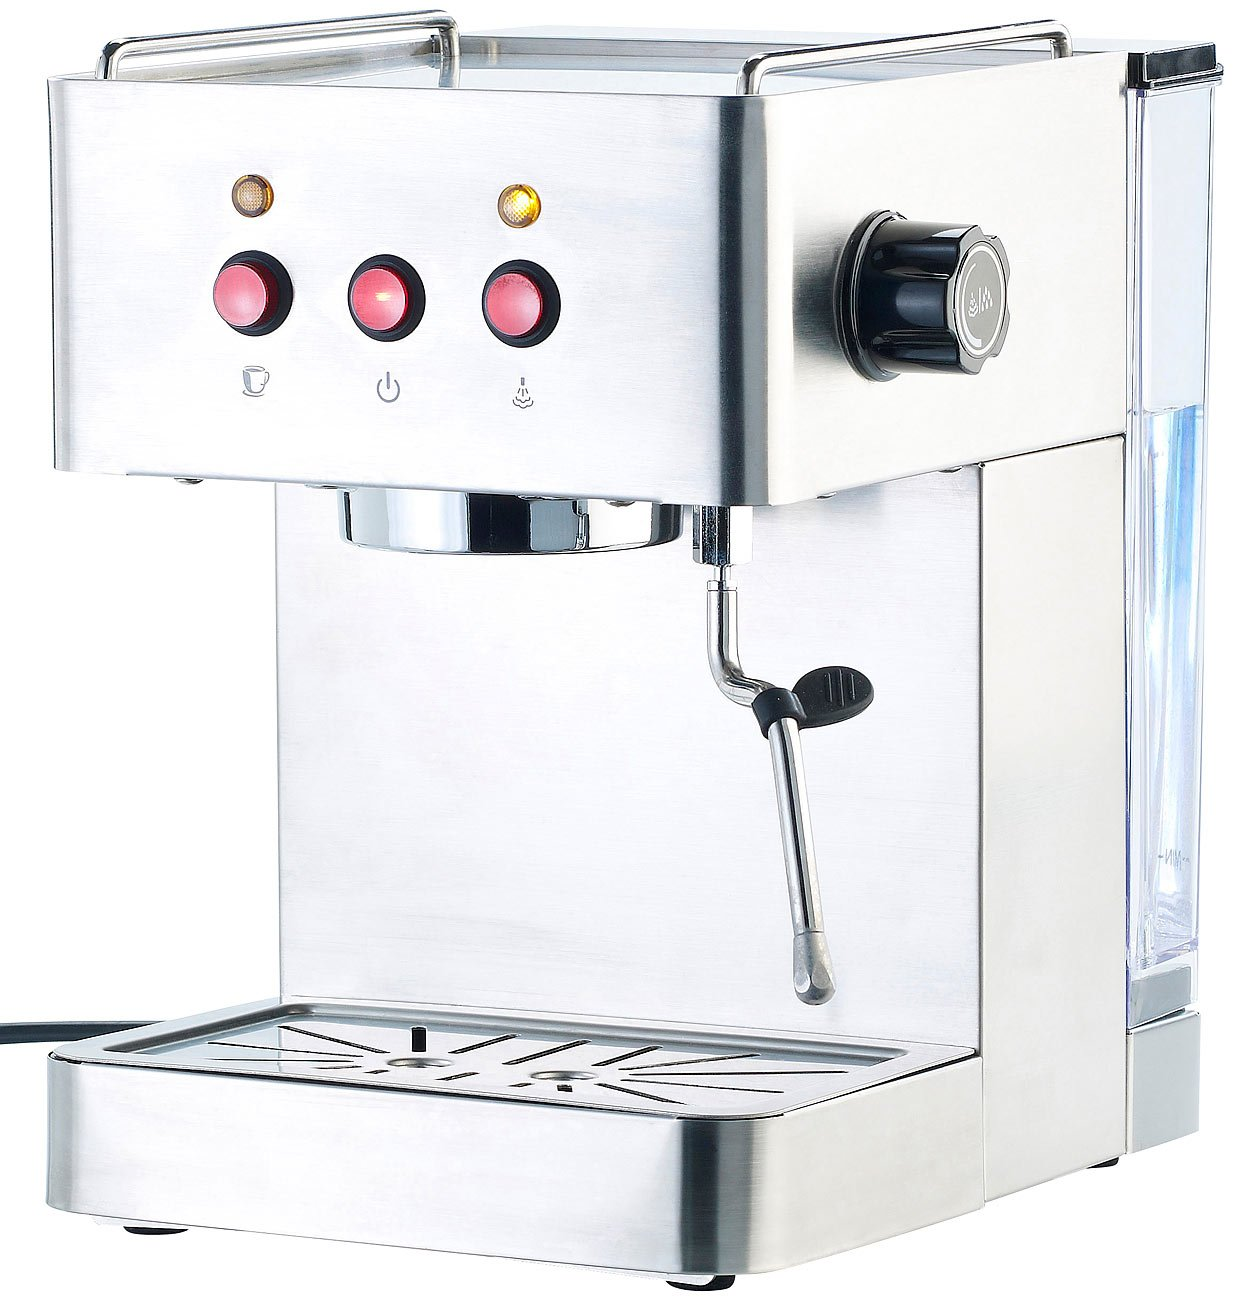 Cucina-di-Modena-Kaffeemaschinen-Siebtrger-Espressomaschine-ES-1300-mit-Milchschumer-Siebtrger-Espresso-Maschinen